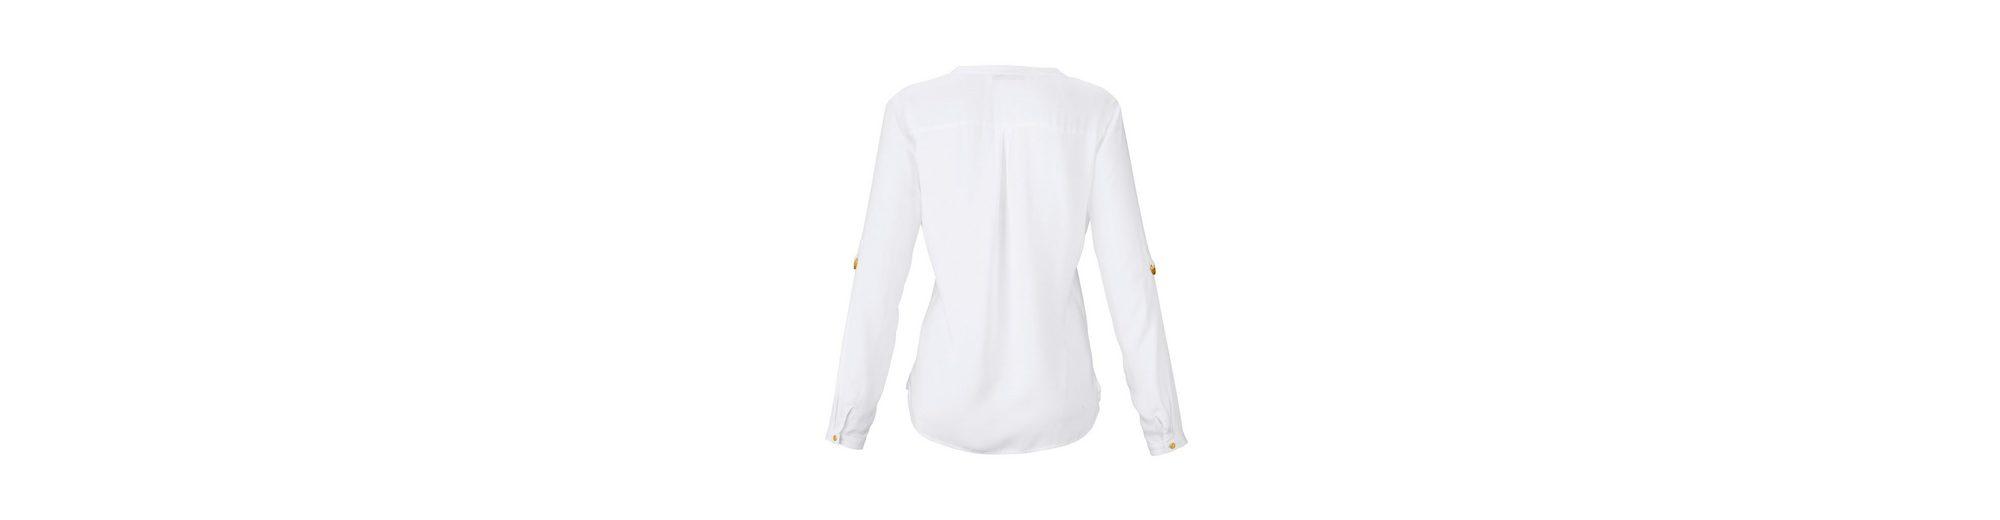 Mona weichflie脽ender Viskosemischung Bluse aus Viskosemischung Bluse Viskosemischung Mona Bluse Mona Bluse aus aus Mona weichflie脽ender aus weichflie脽ender paAWq1xc